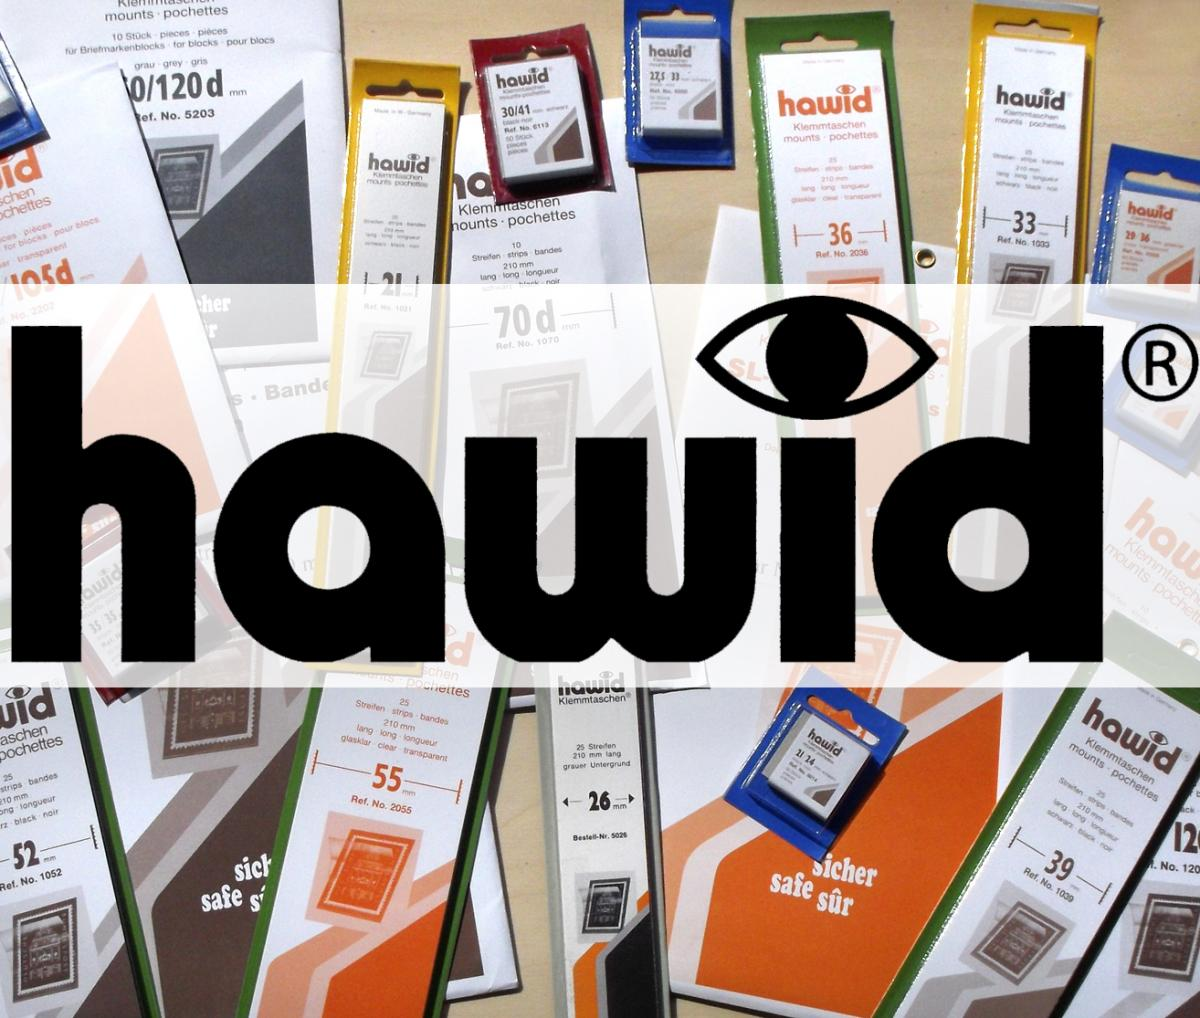 HAWID SL-Streifen 265x105 mm, schwarz, 8 Stück, d*